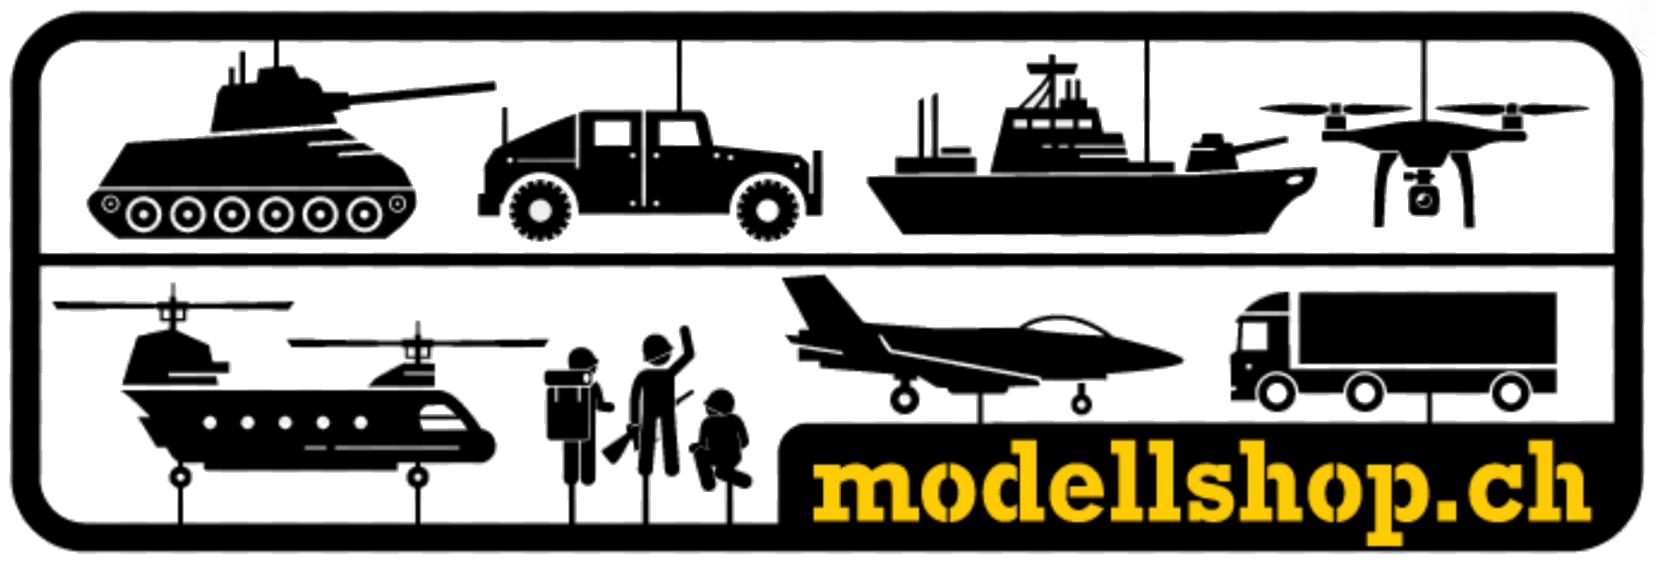 Modellshop